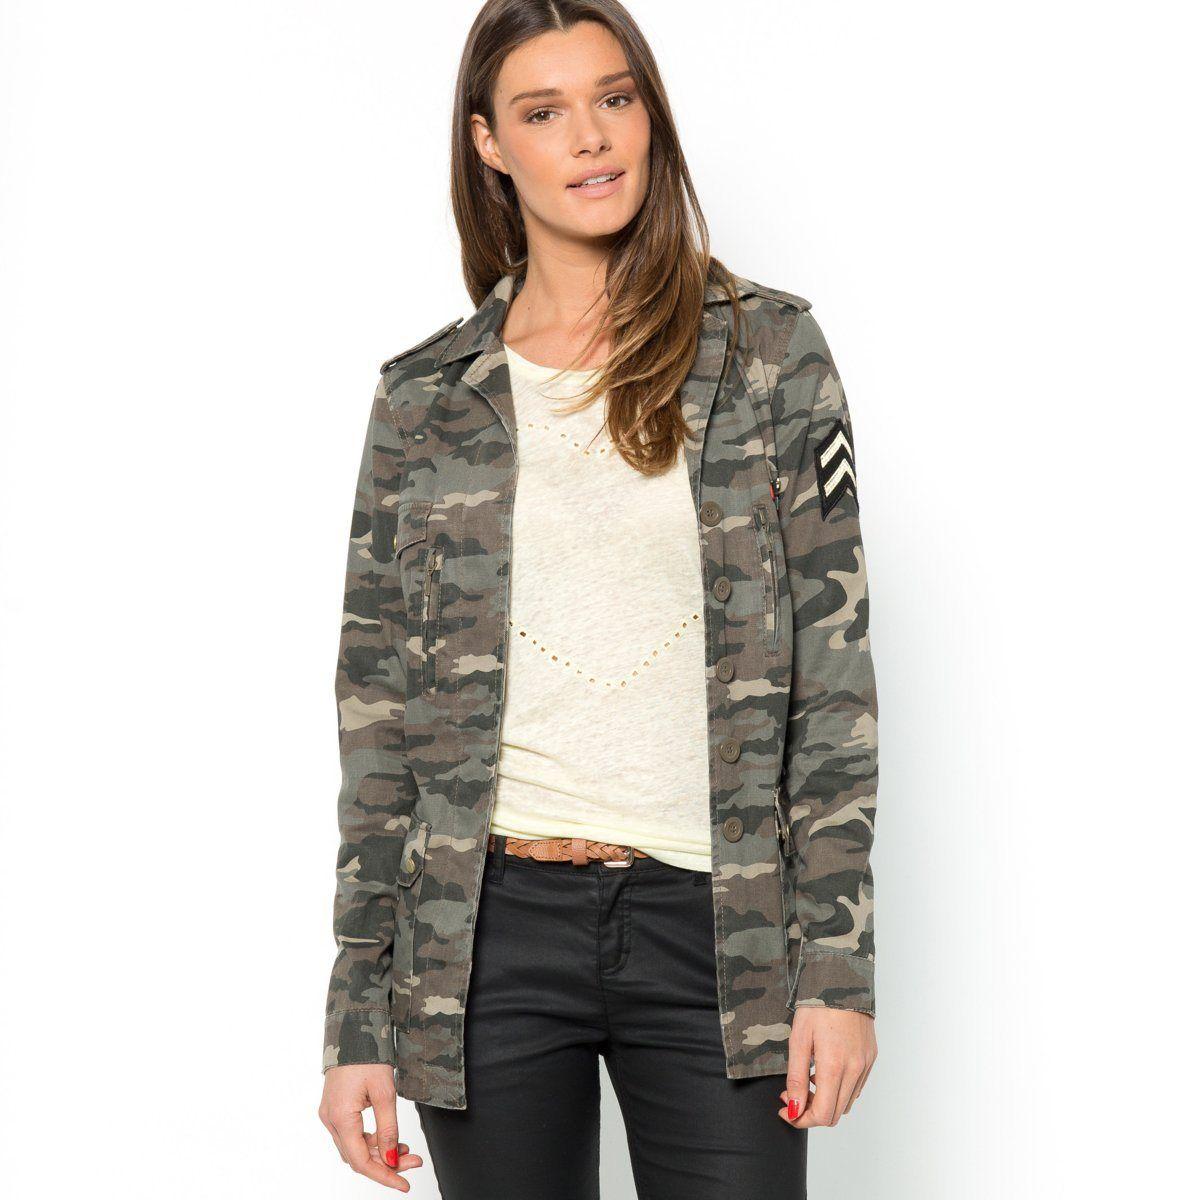 veste army coton imprim camouflage manteau kaki pinterest coton imprim. Black Bedroom Furniture Sets. Home Design Ideas